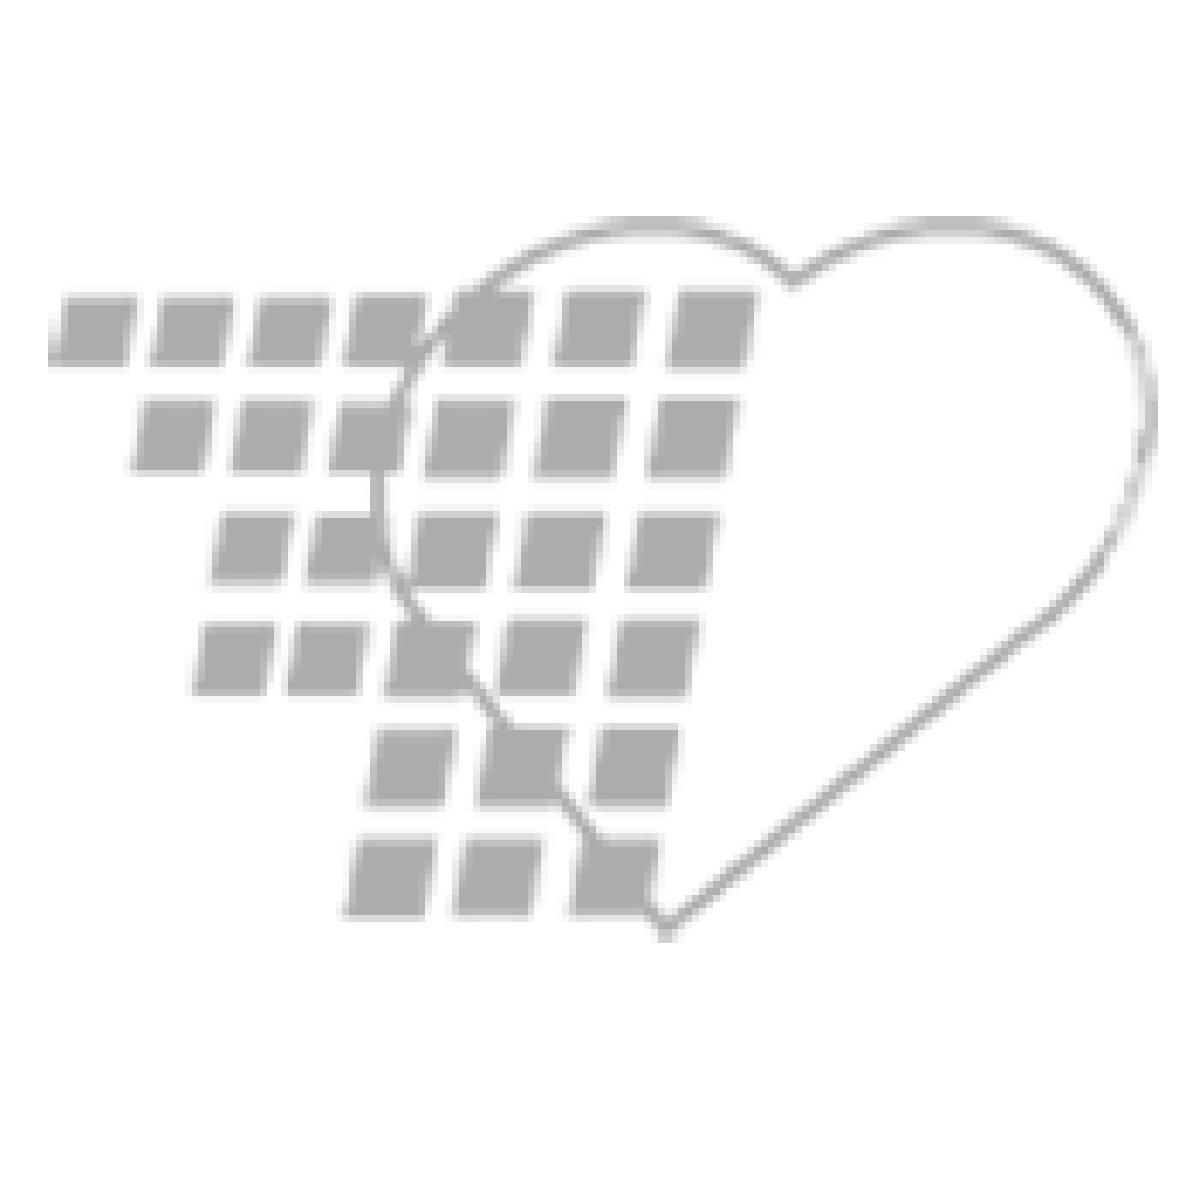 06-93-3426 - Demo Dose® Med Dispense® Medication Disp. With Cabinet